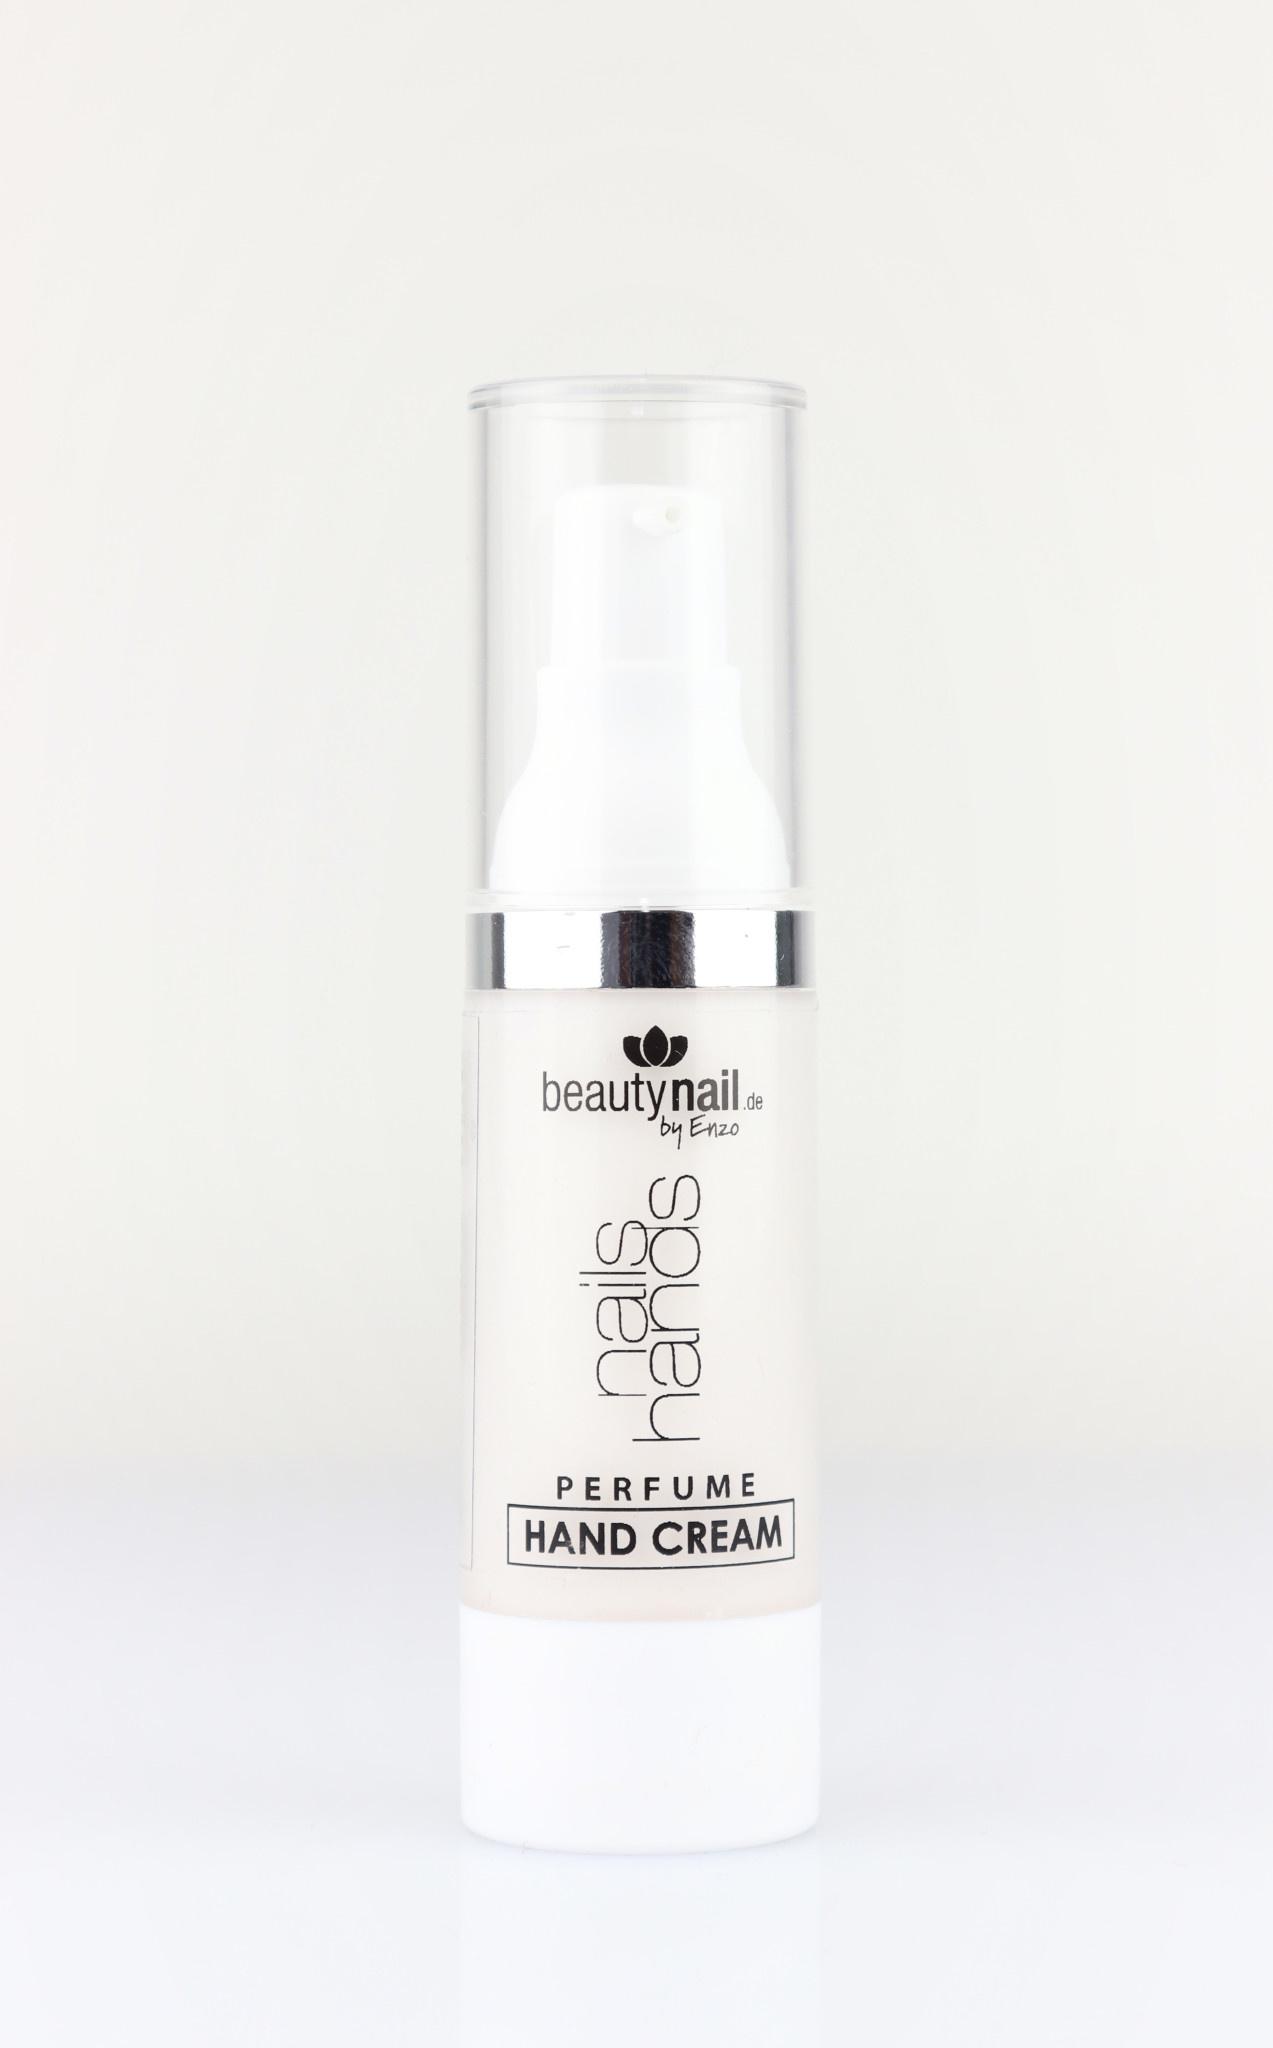 Parfume handcreme 30ml-1